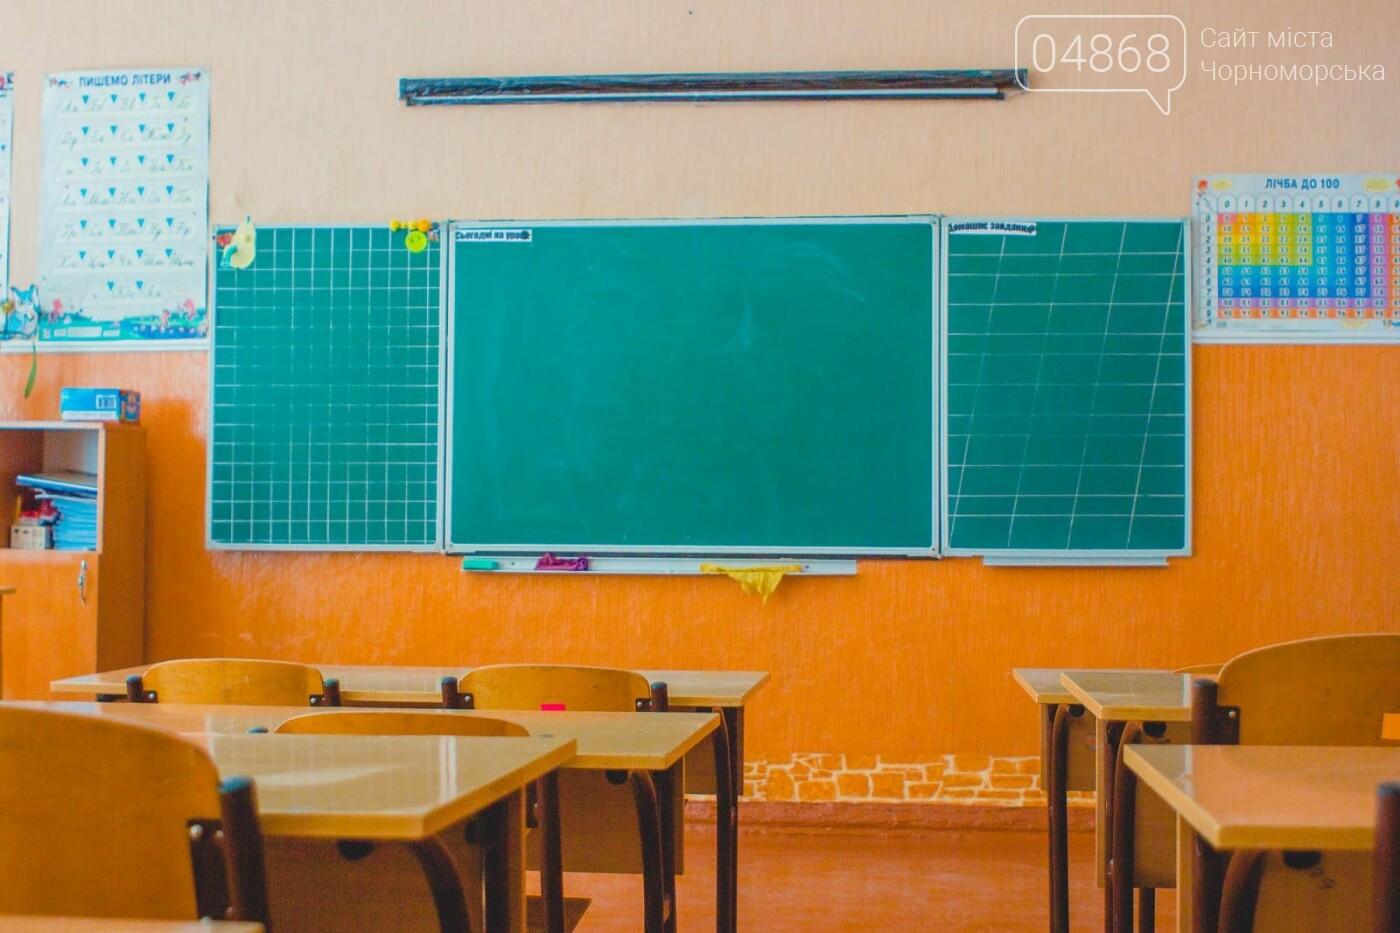 Новые окна, кабинеты и пищеблок: школы Черноморска готовятся к 1 сентября, фото-15